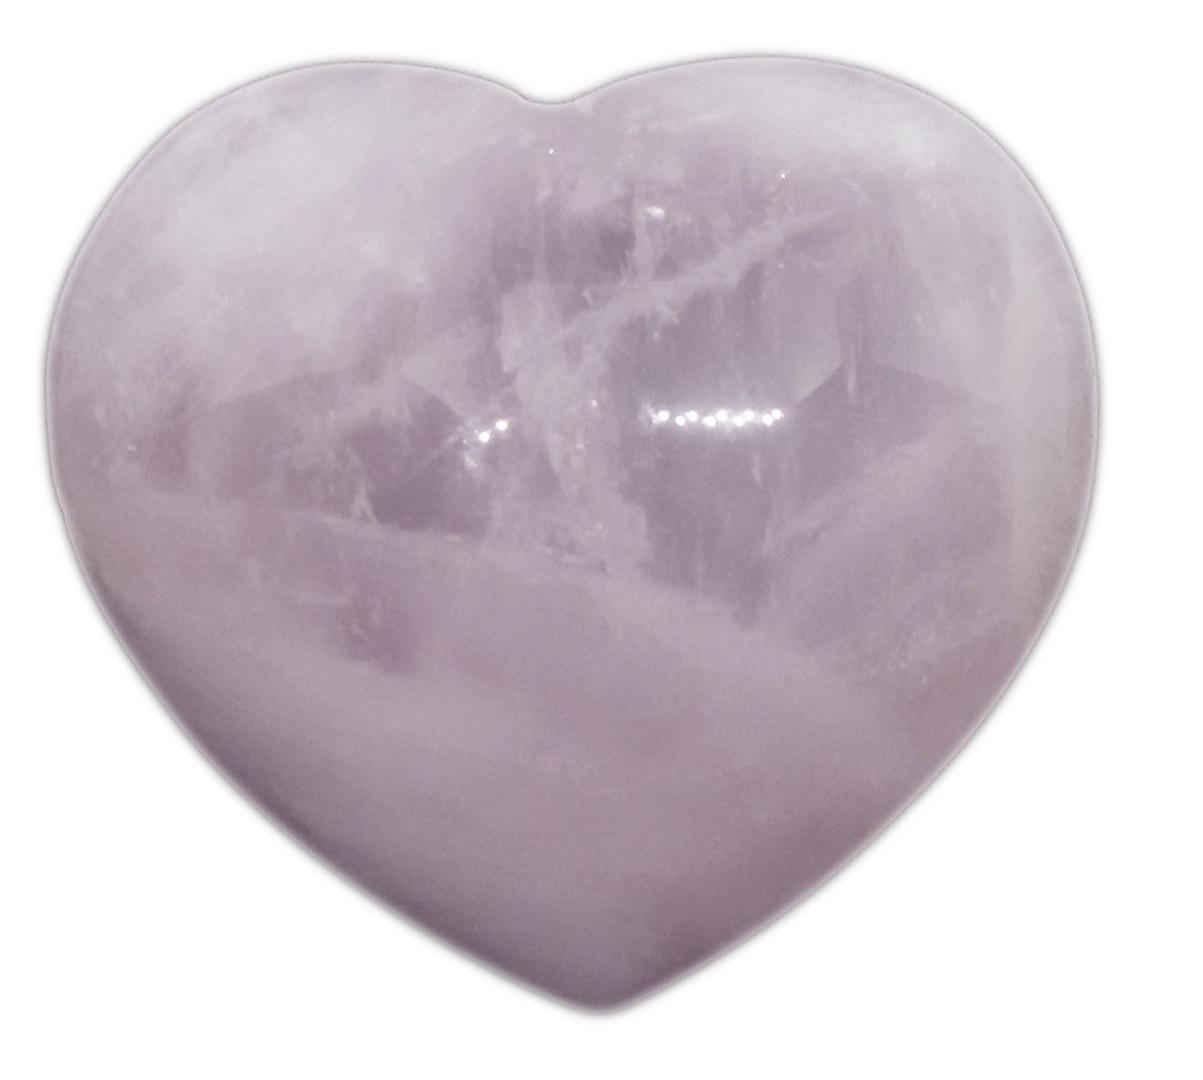 25 Unidades de Coração De Quartzo Rosa Natural Pedra Harmoniza O Amor